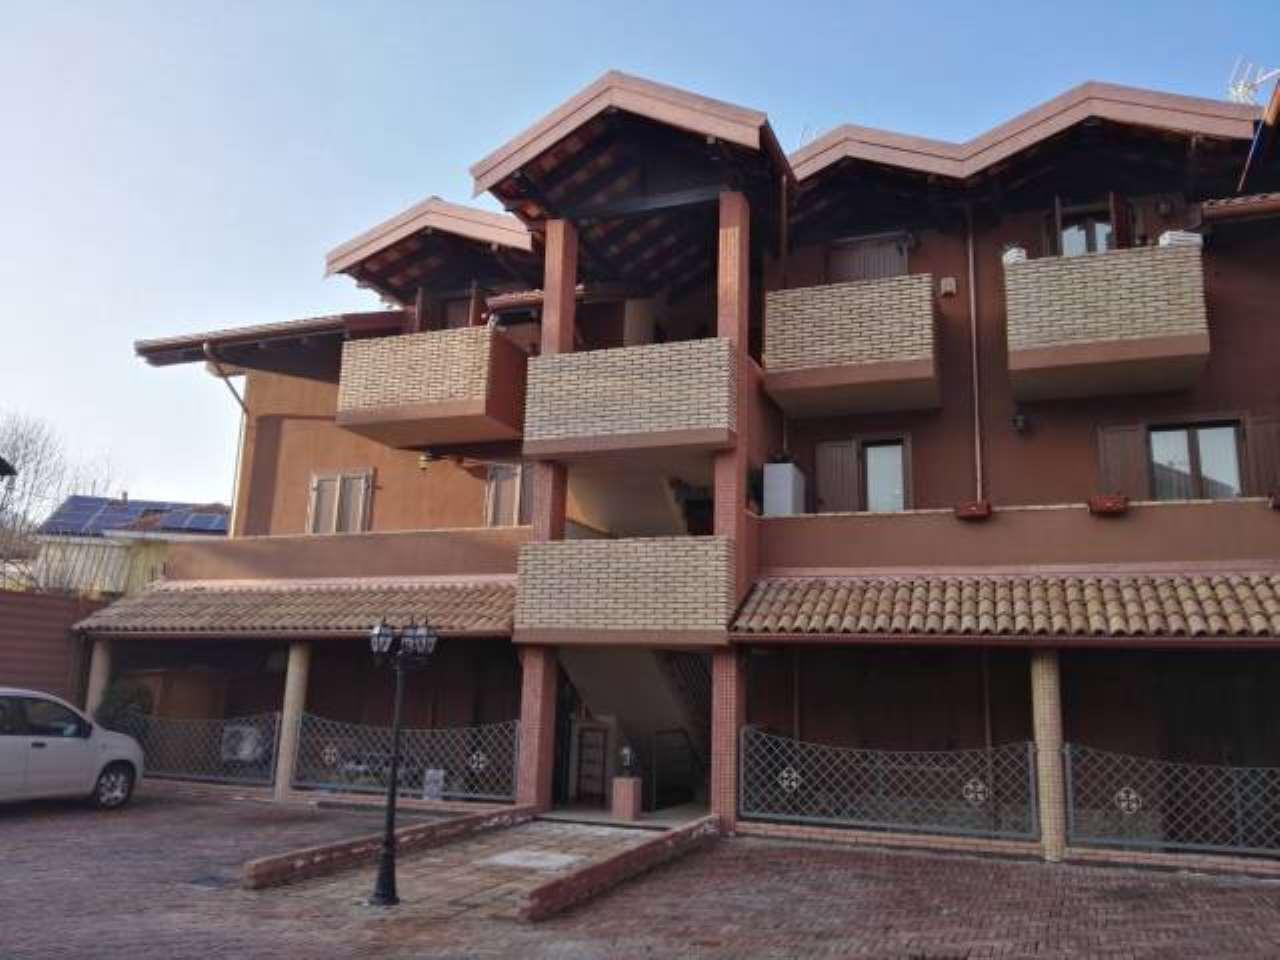 Ufficio Casa Alpignano : Appartamenti in vendita a alpignano cambiocasa